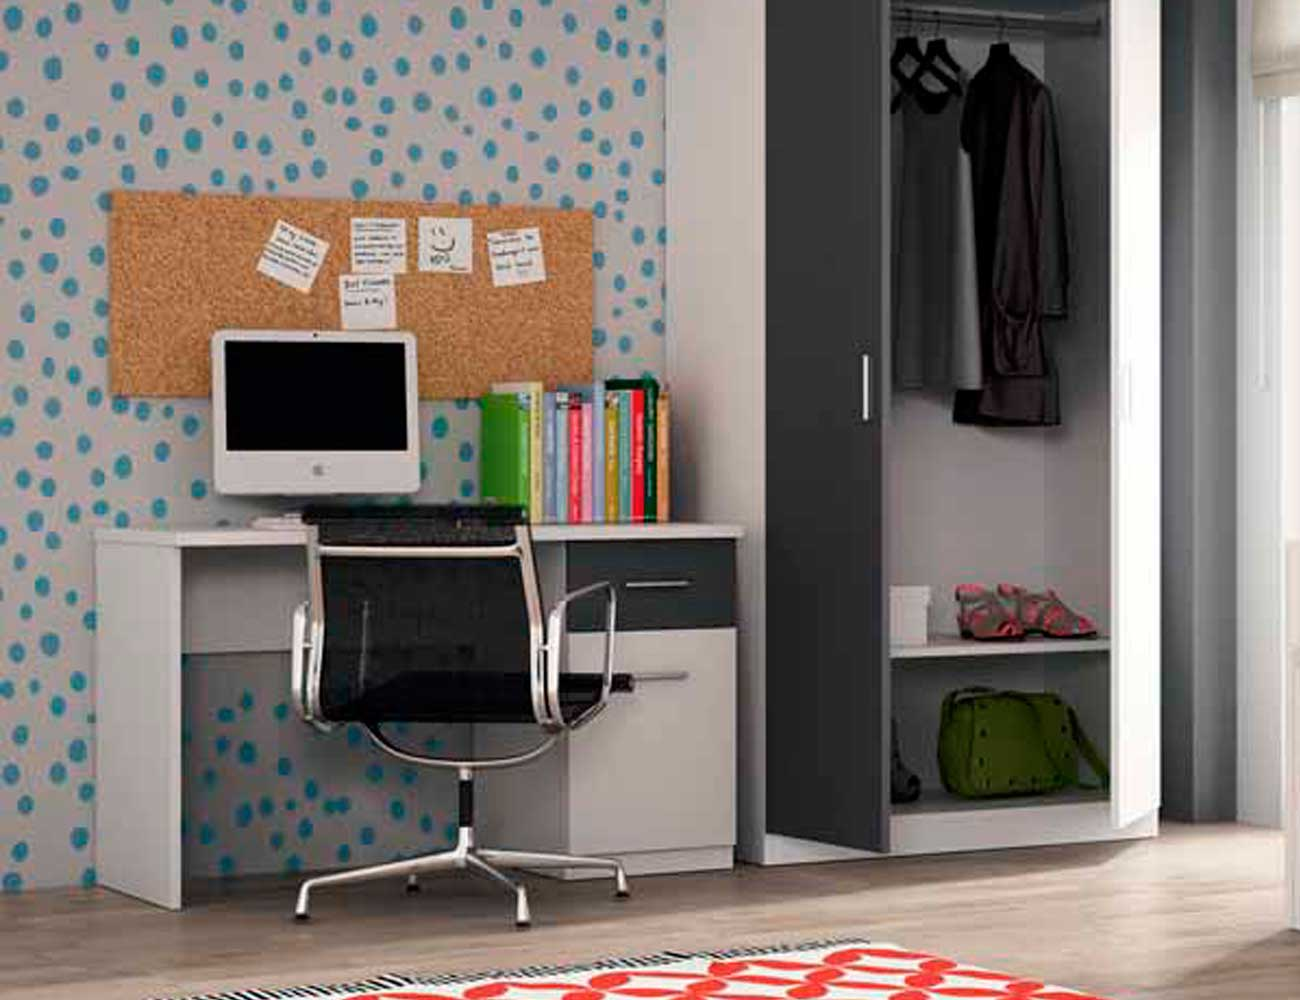 Dormitorio juvenil con cama nido con ruedas en color blanco con azul 6675 factory del mueble - Factory del mueble utrera ...